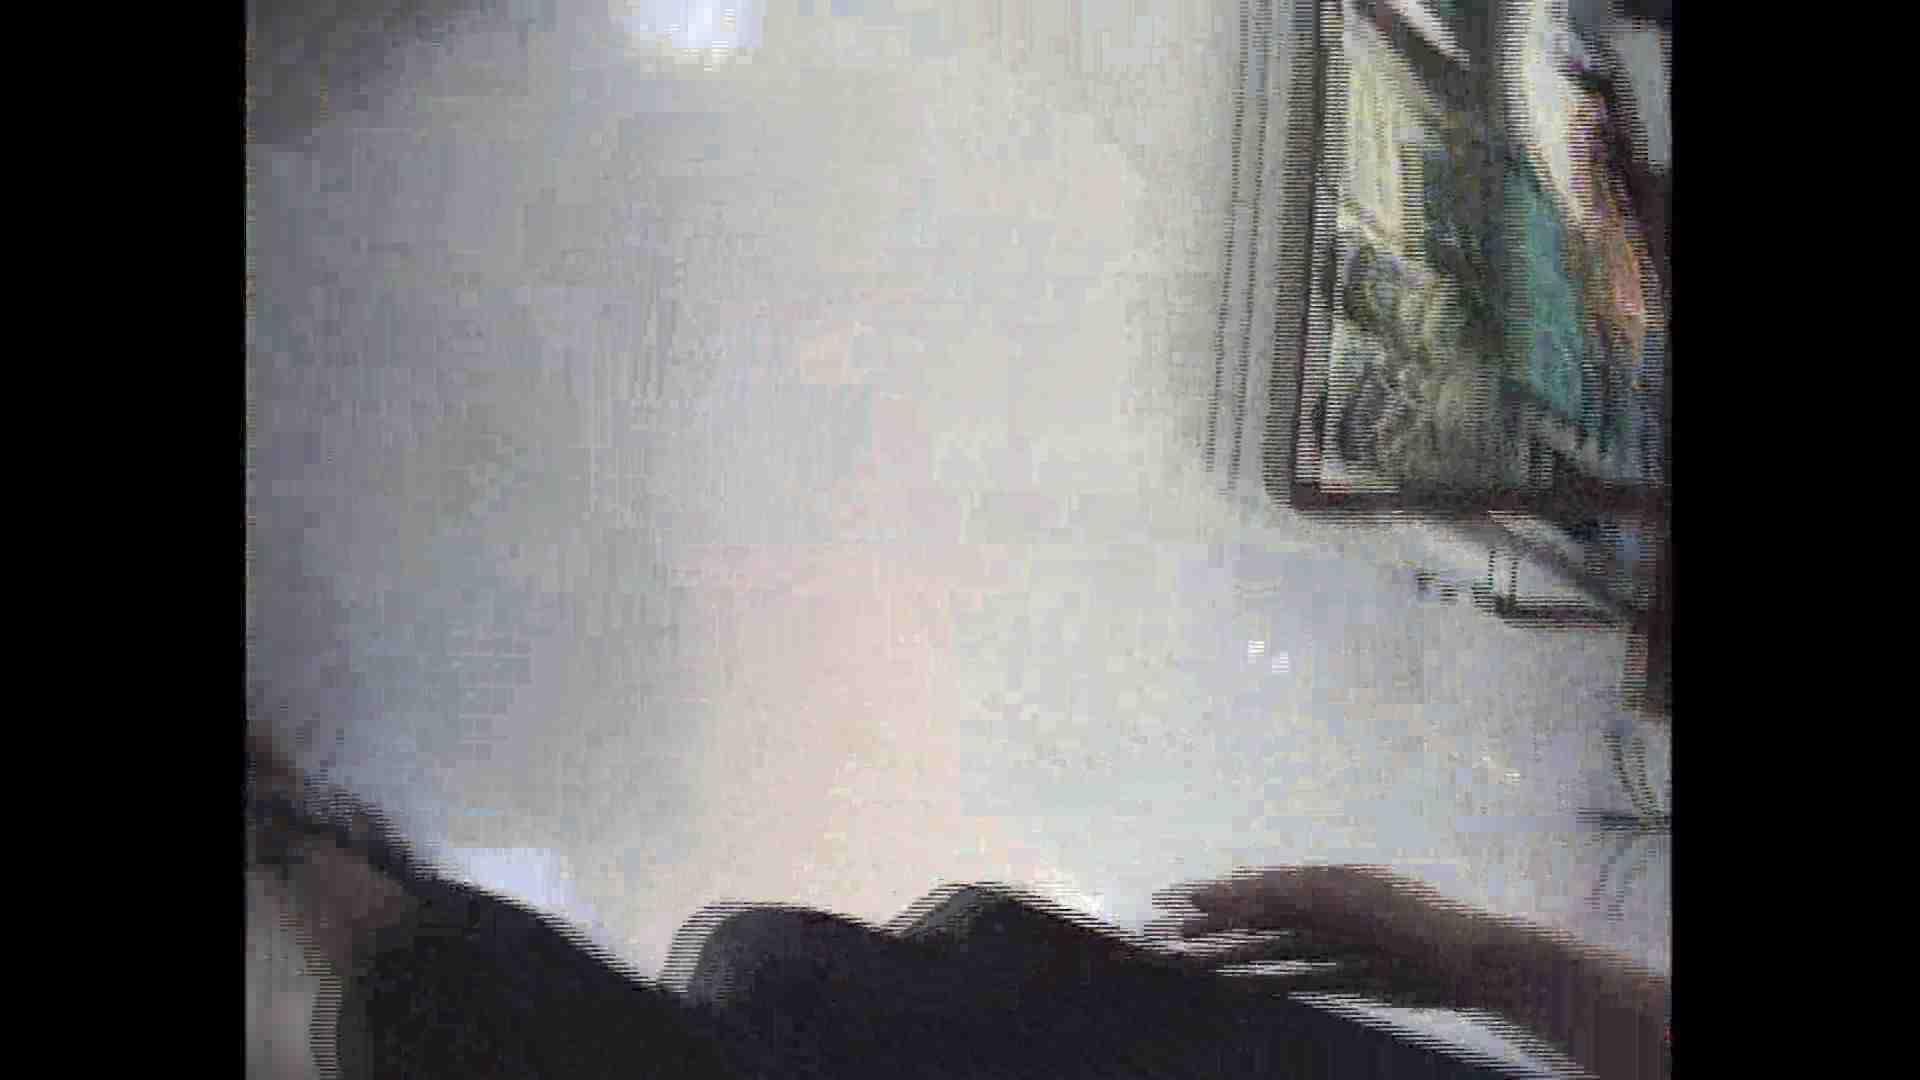 働く美女の谷間参拝 Vol.06 コスチューム SEX無修正画像 112枚